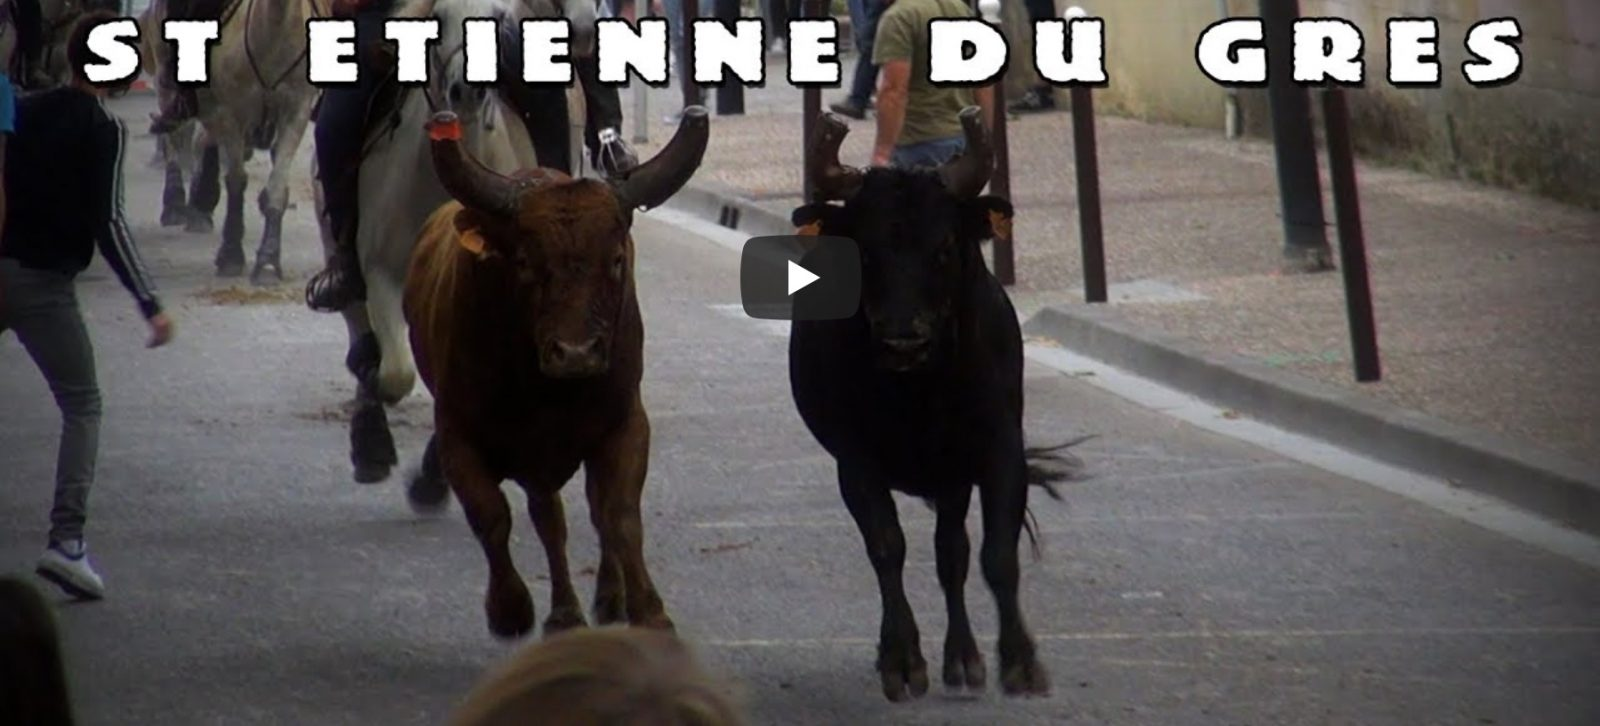 ST ETIENNE DU GRES (07 et 08/06/2019) – Retour en vidéo sur le Festival Bandido